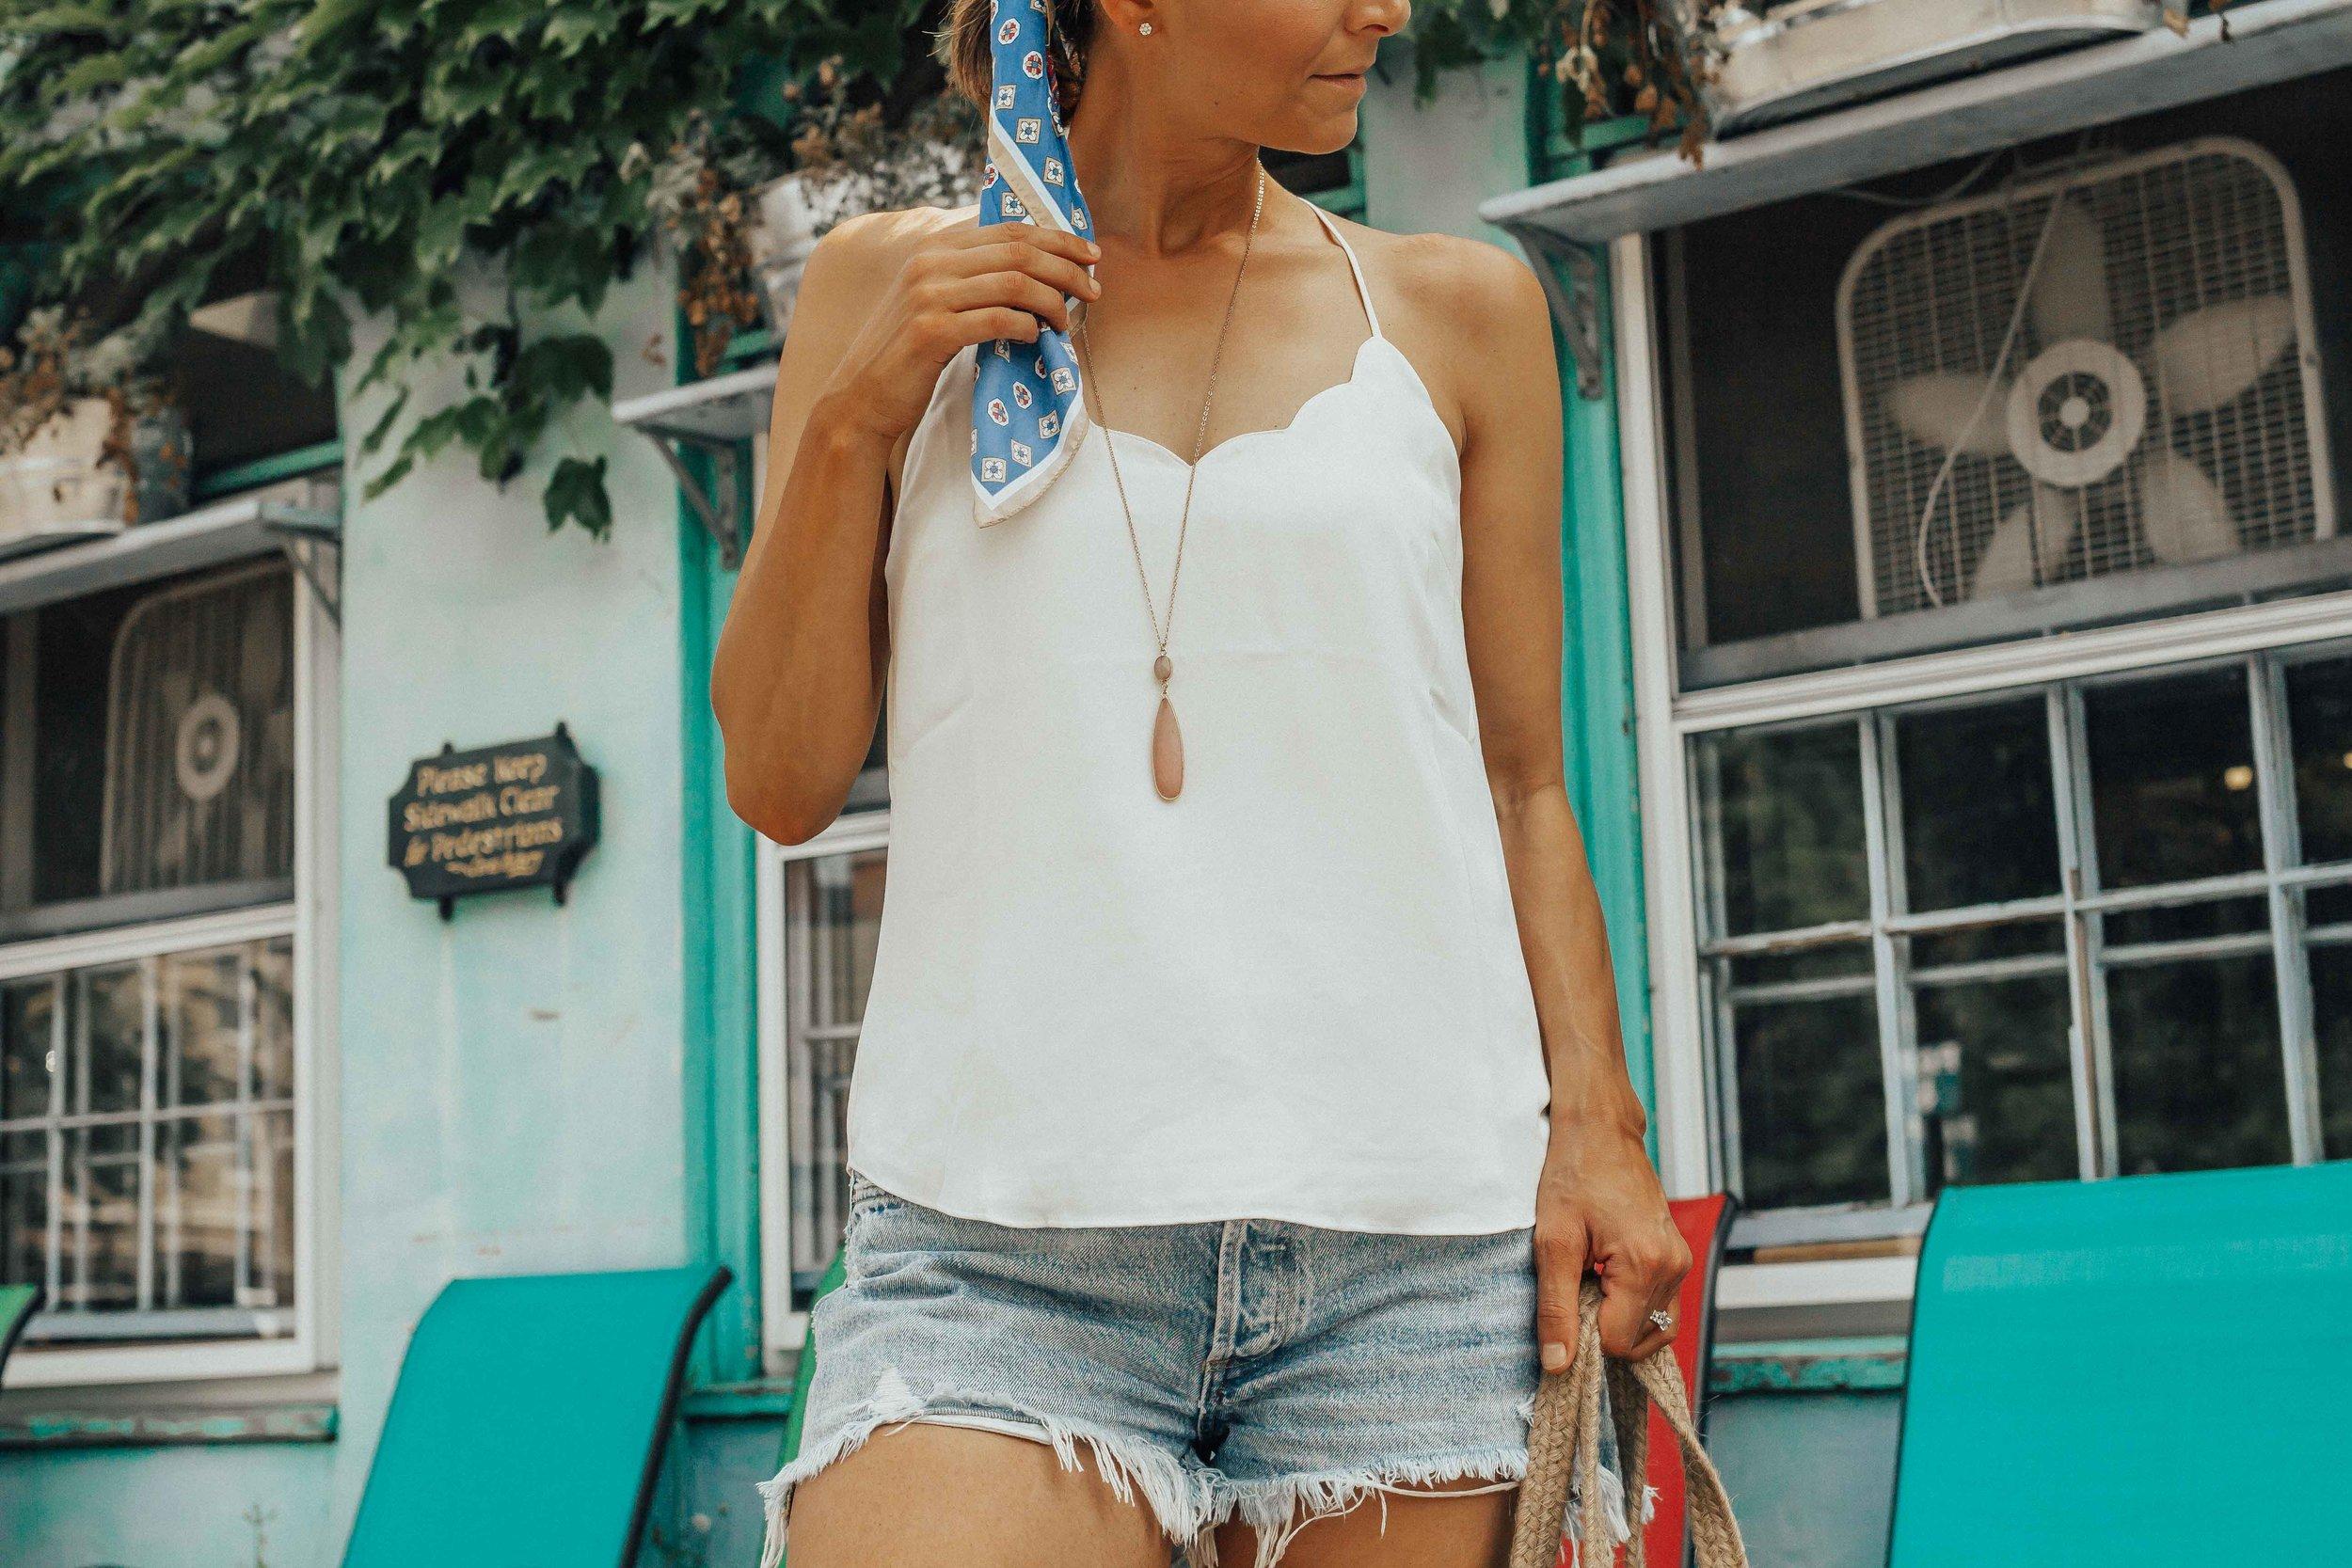 summer must haves clothes - summer must-haves - summer essentials clothes -summer outfit ideas - summer basics - summer clothing for women - summer styles - #summeroutfits #heartandseam  www.heartandseam.com